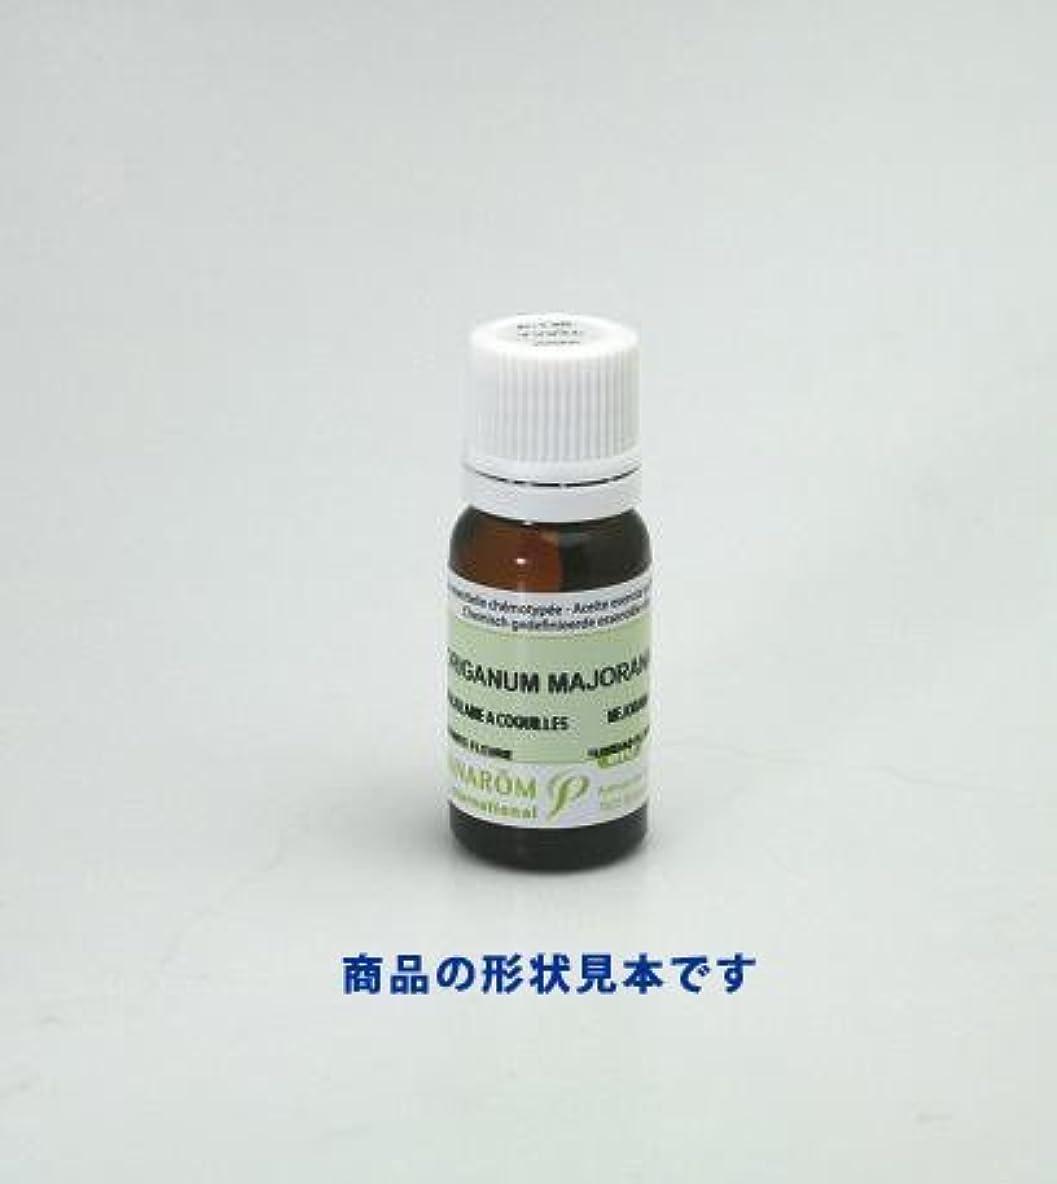 旅行規制素晴らしさプラナロム精油/マートルCT1(P-124)